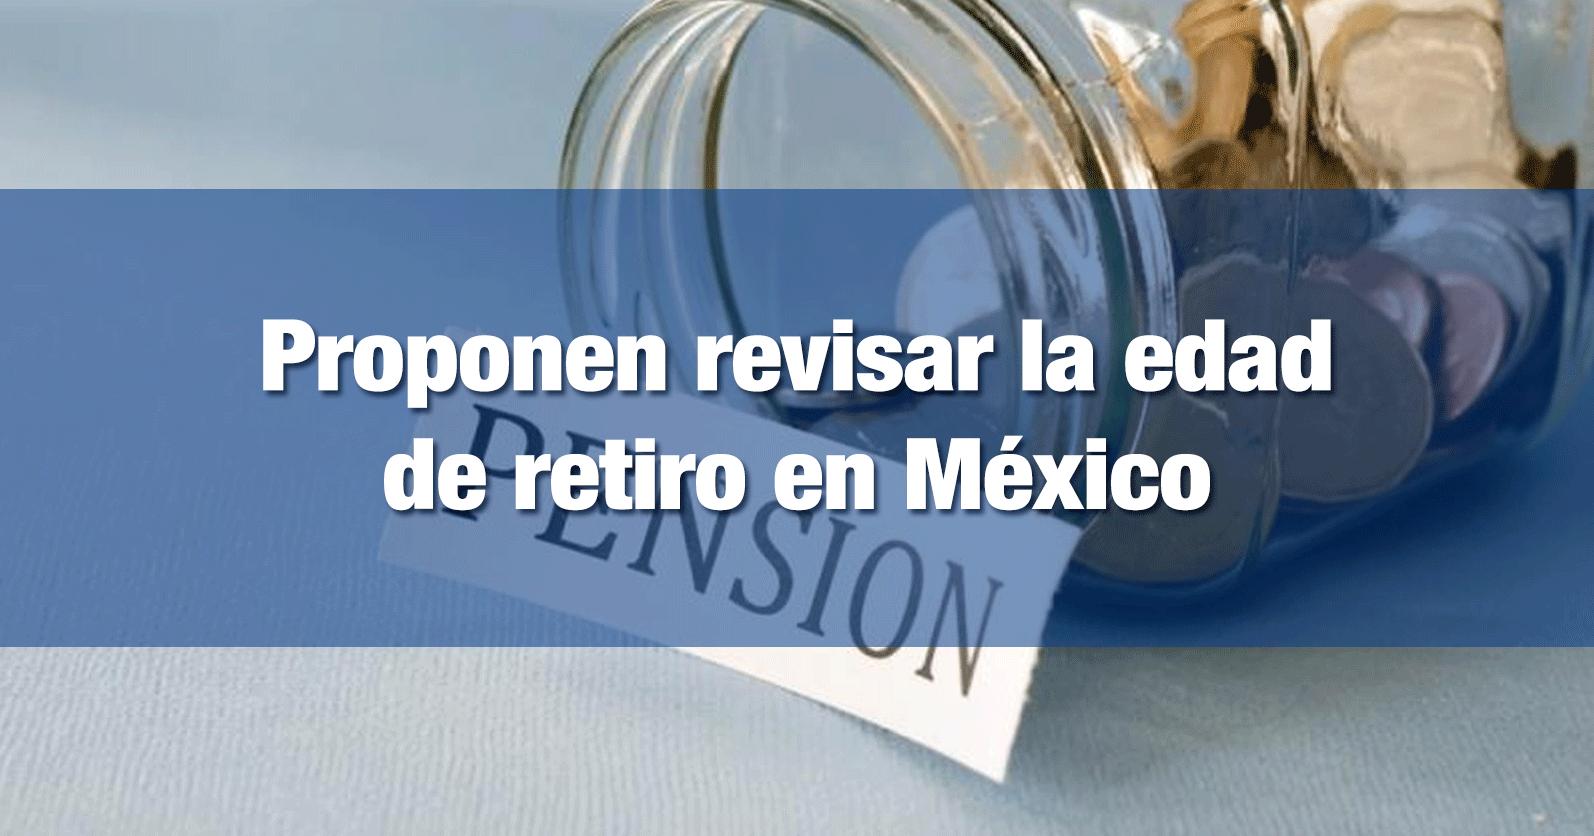 Proponen revisar la edad de retiro en México